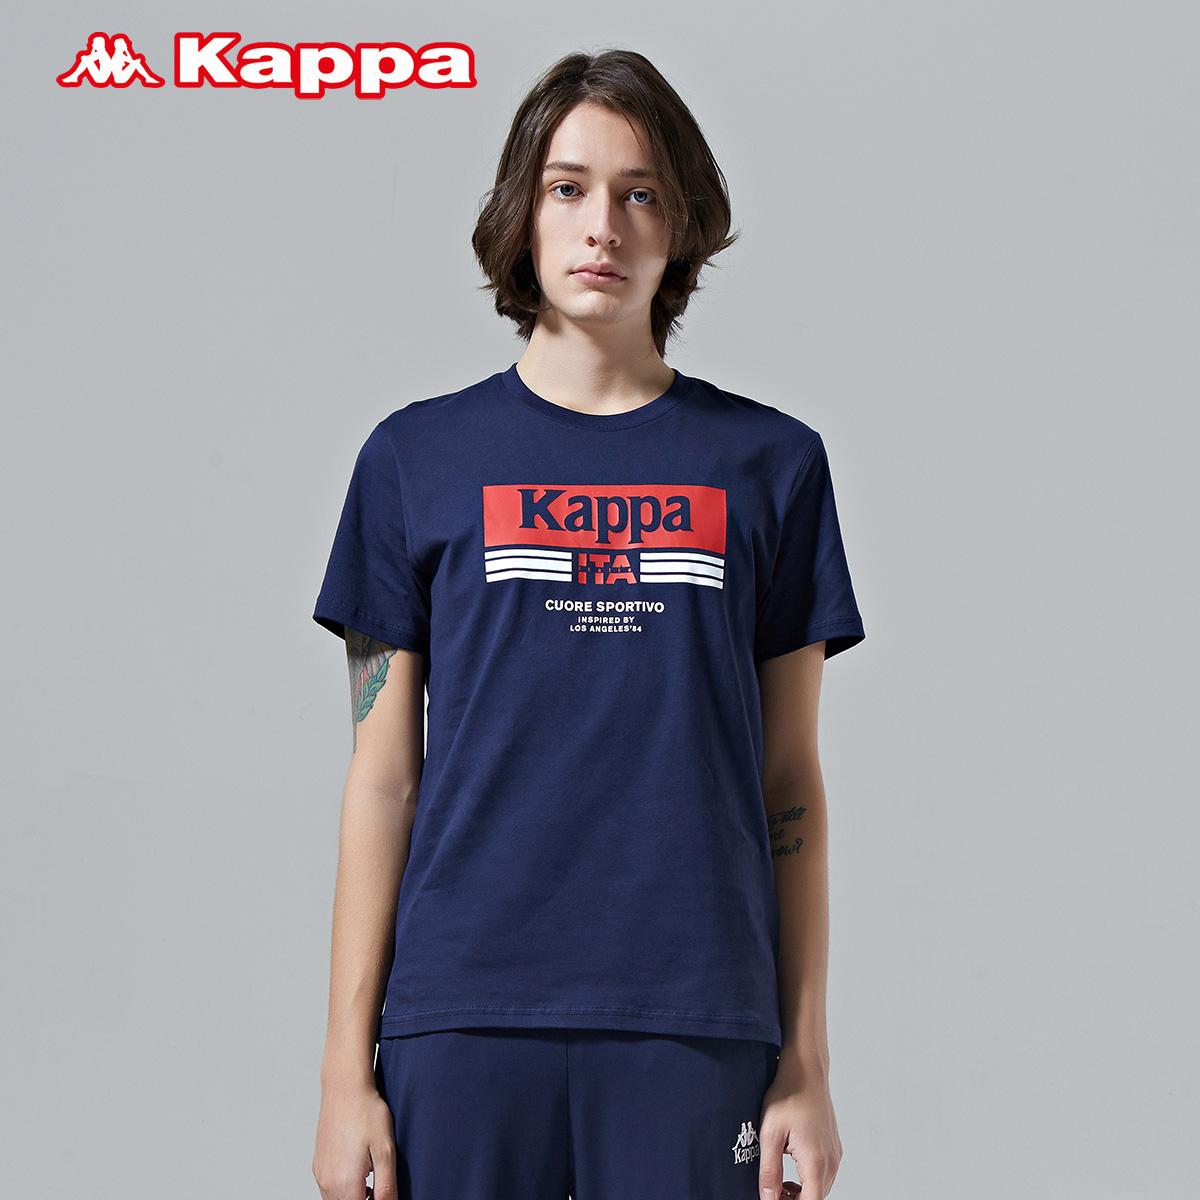 Kappa卡帕 男款运动短袖休闲T恤夏季半袖 2019新款 K0912TD05